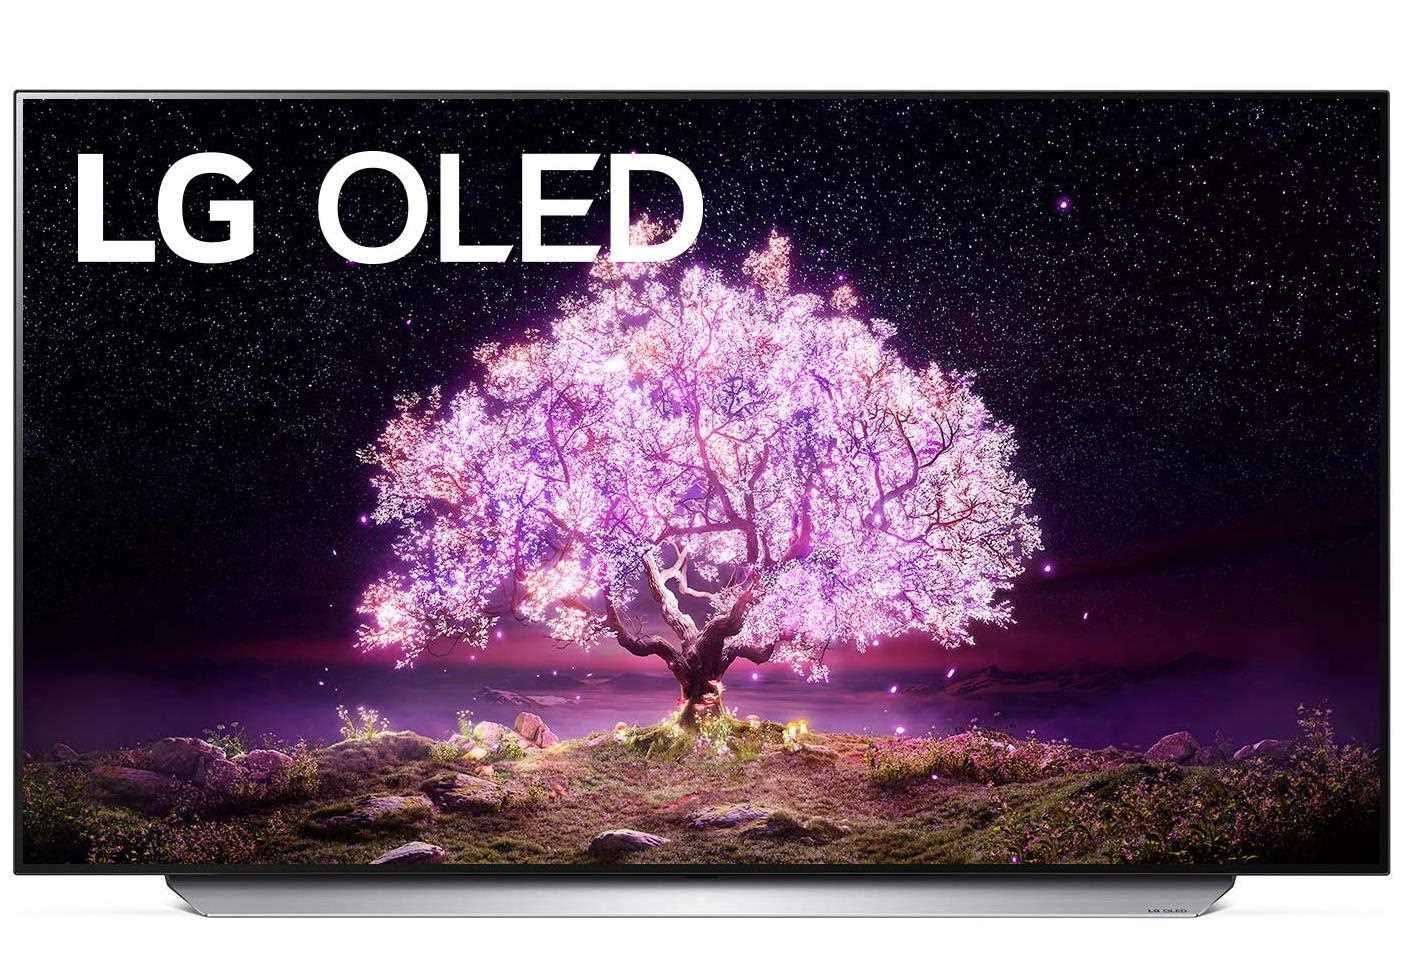 טלוויזיה 65 אינץ' דגם OLED 65C1PVA בטכנולוגיית LG OLED 4K Ultra HD אל ג'י - תמונה 2